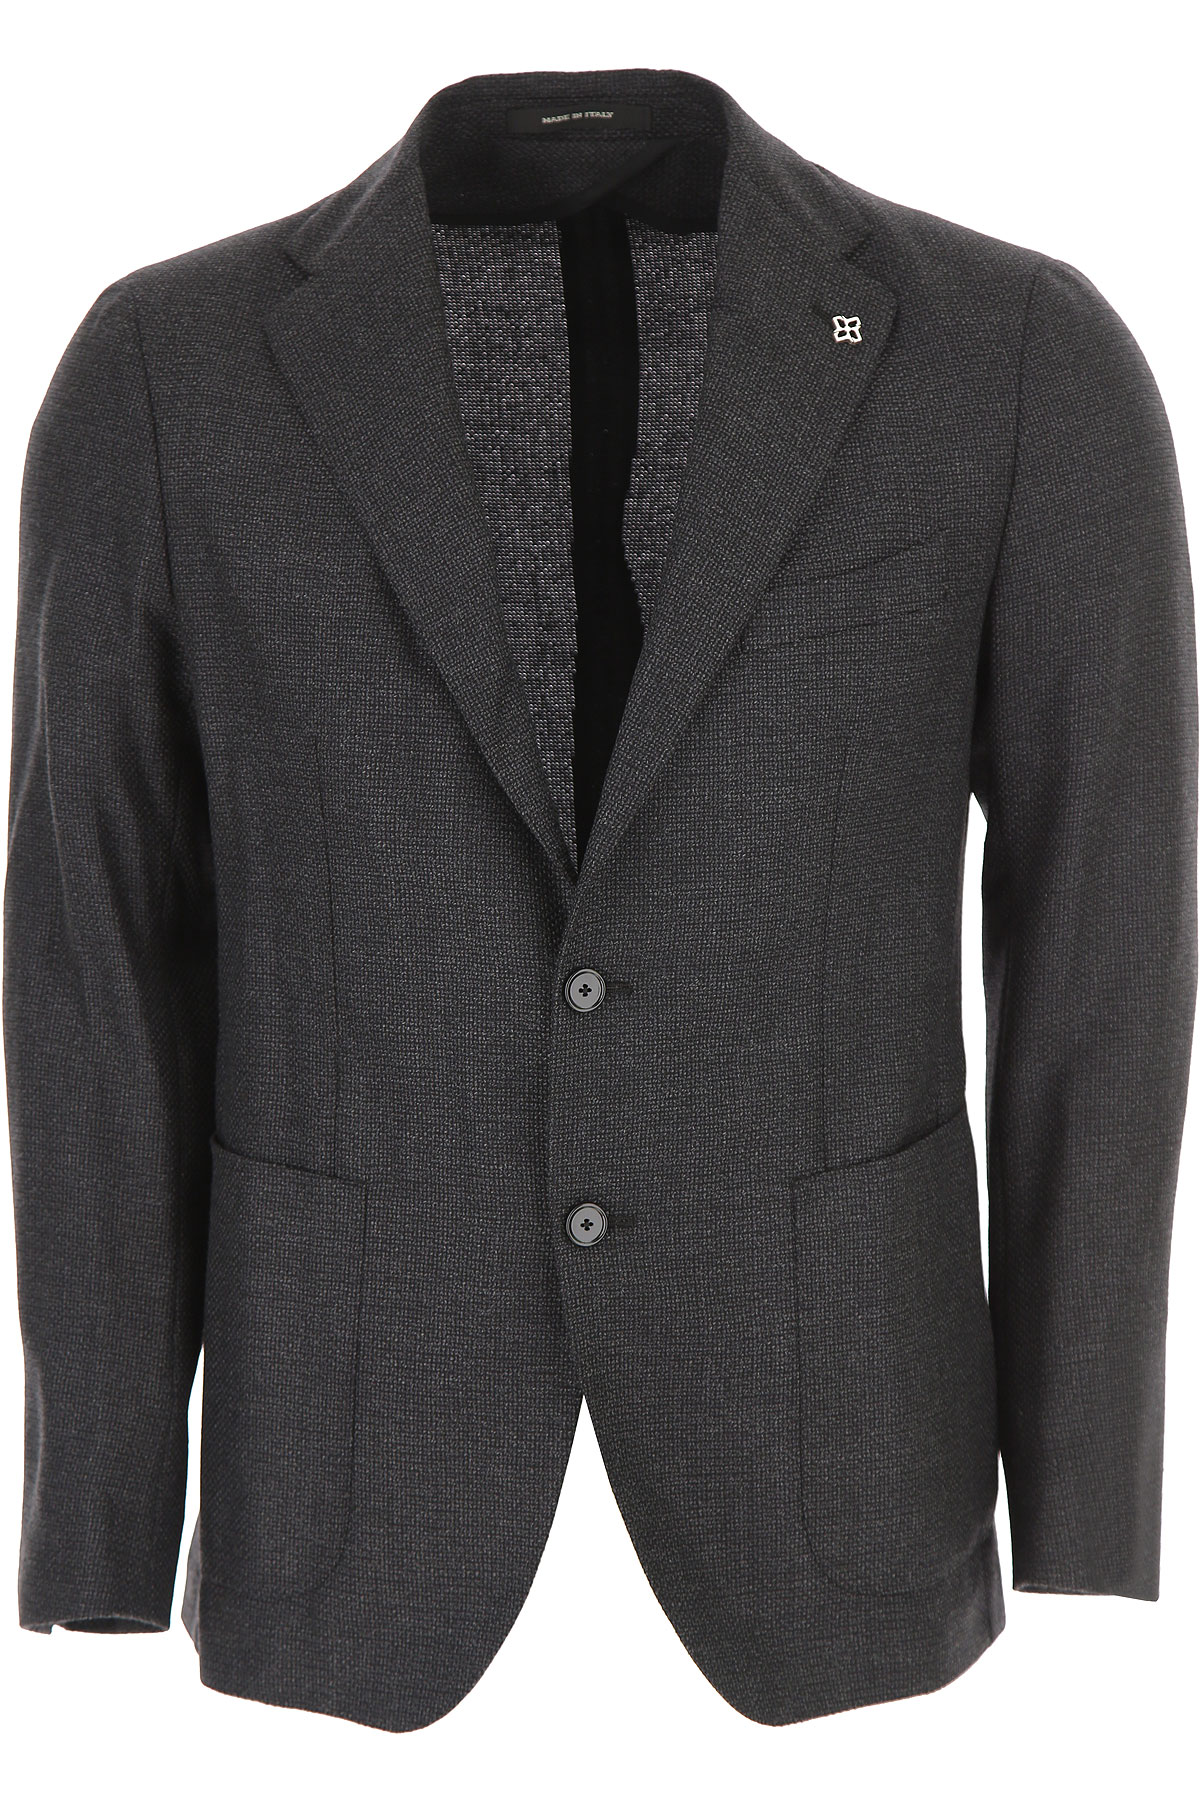 Image of Tagliatore Blazer for Men, Sport Coat, Black, Virgin wool, 2017, L M XL XXL